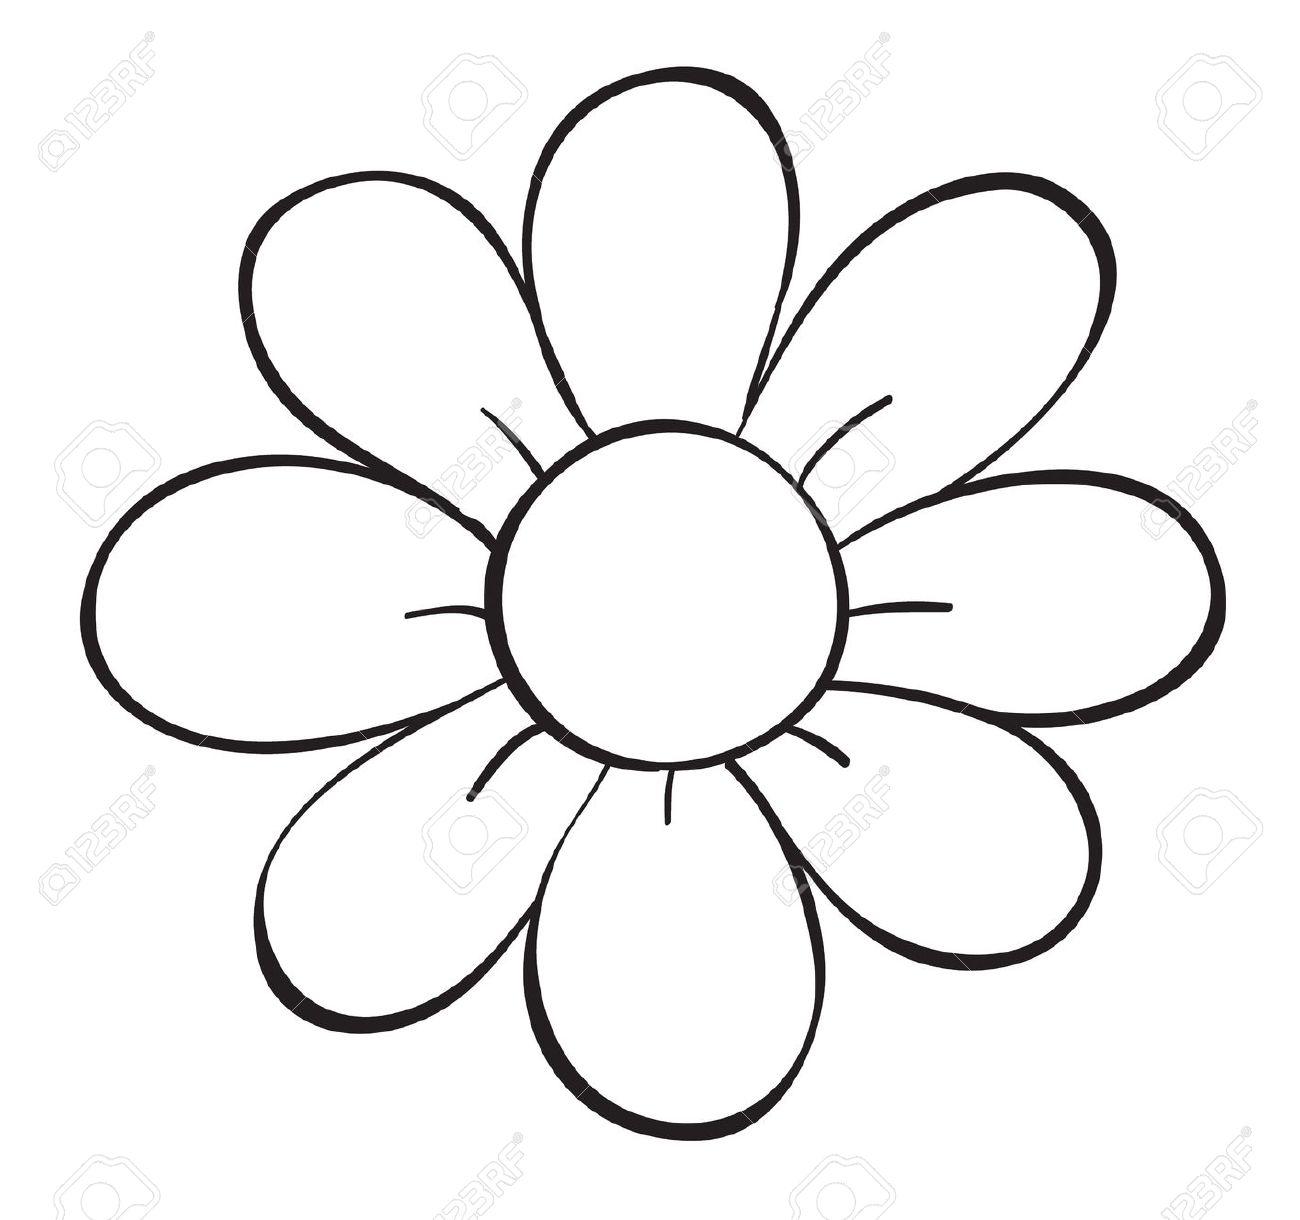 Clipart noir et blanc fleurs.